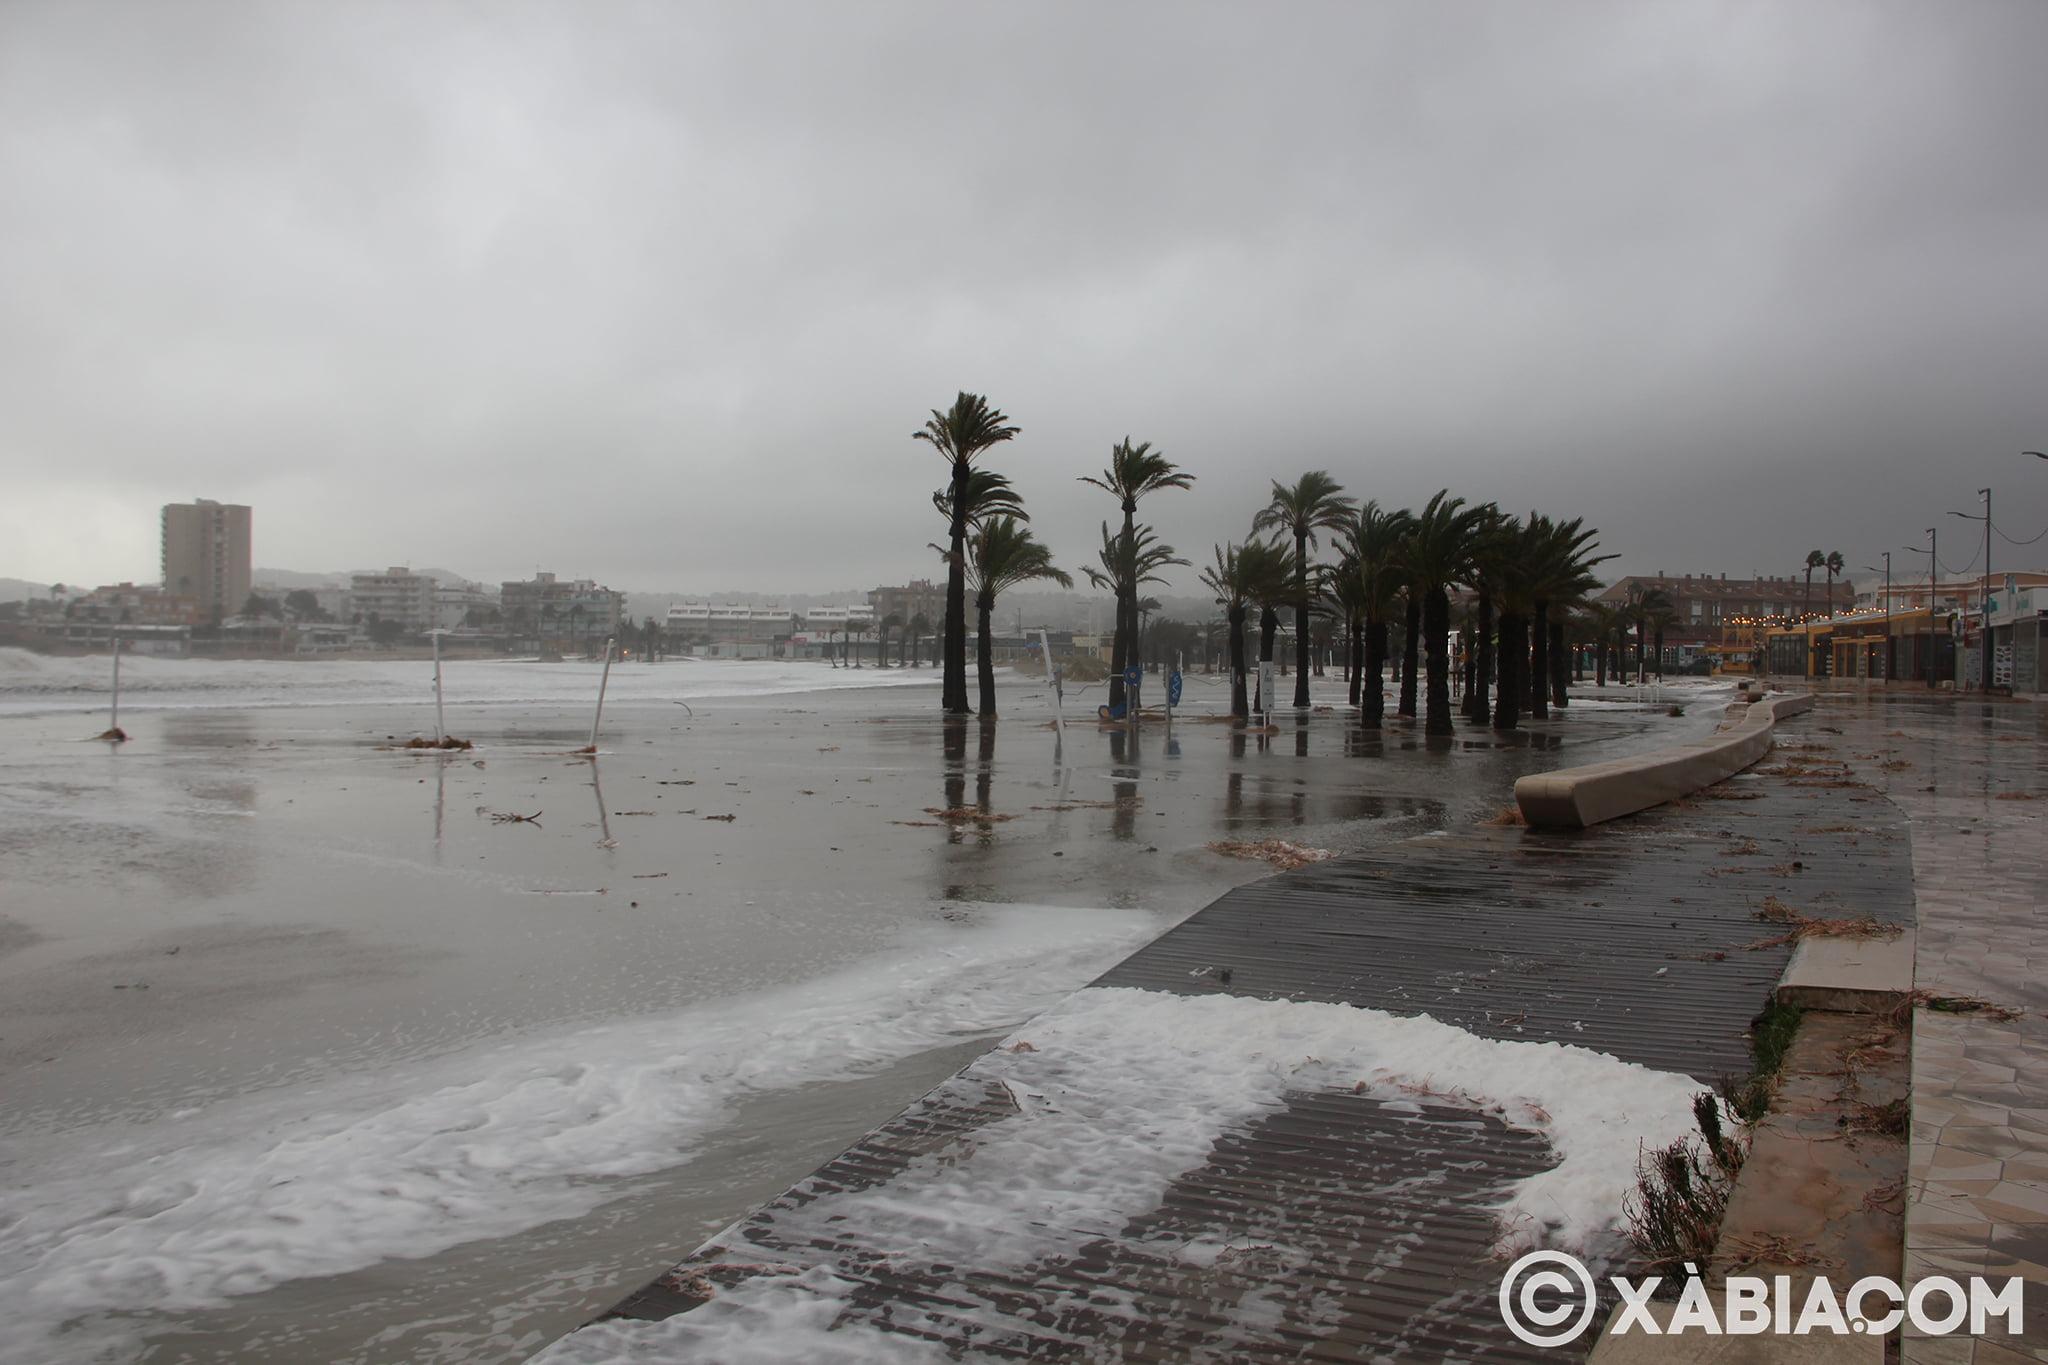 Brandelli di pioggia, vento e mare in Xàbia (39)